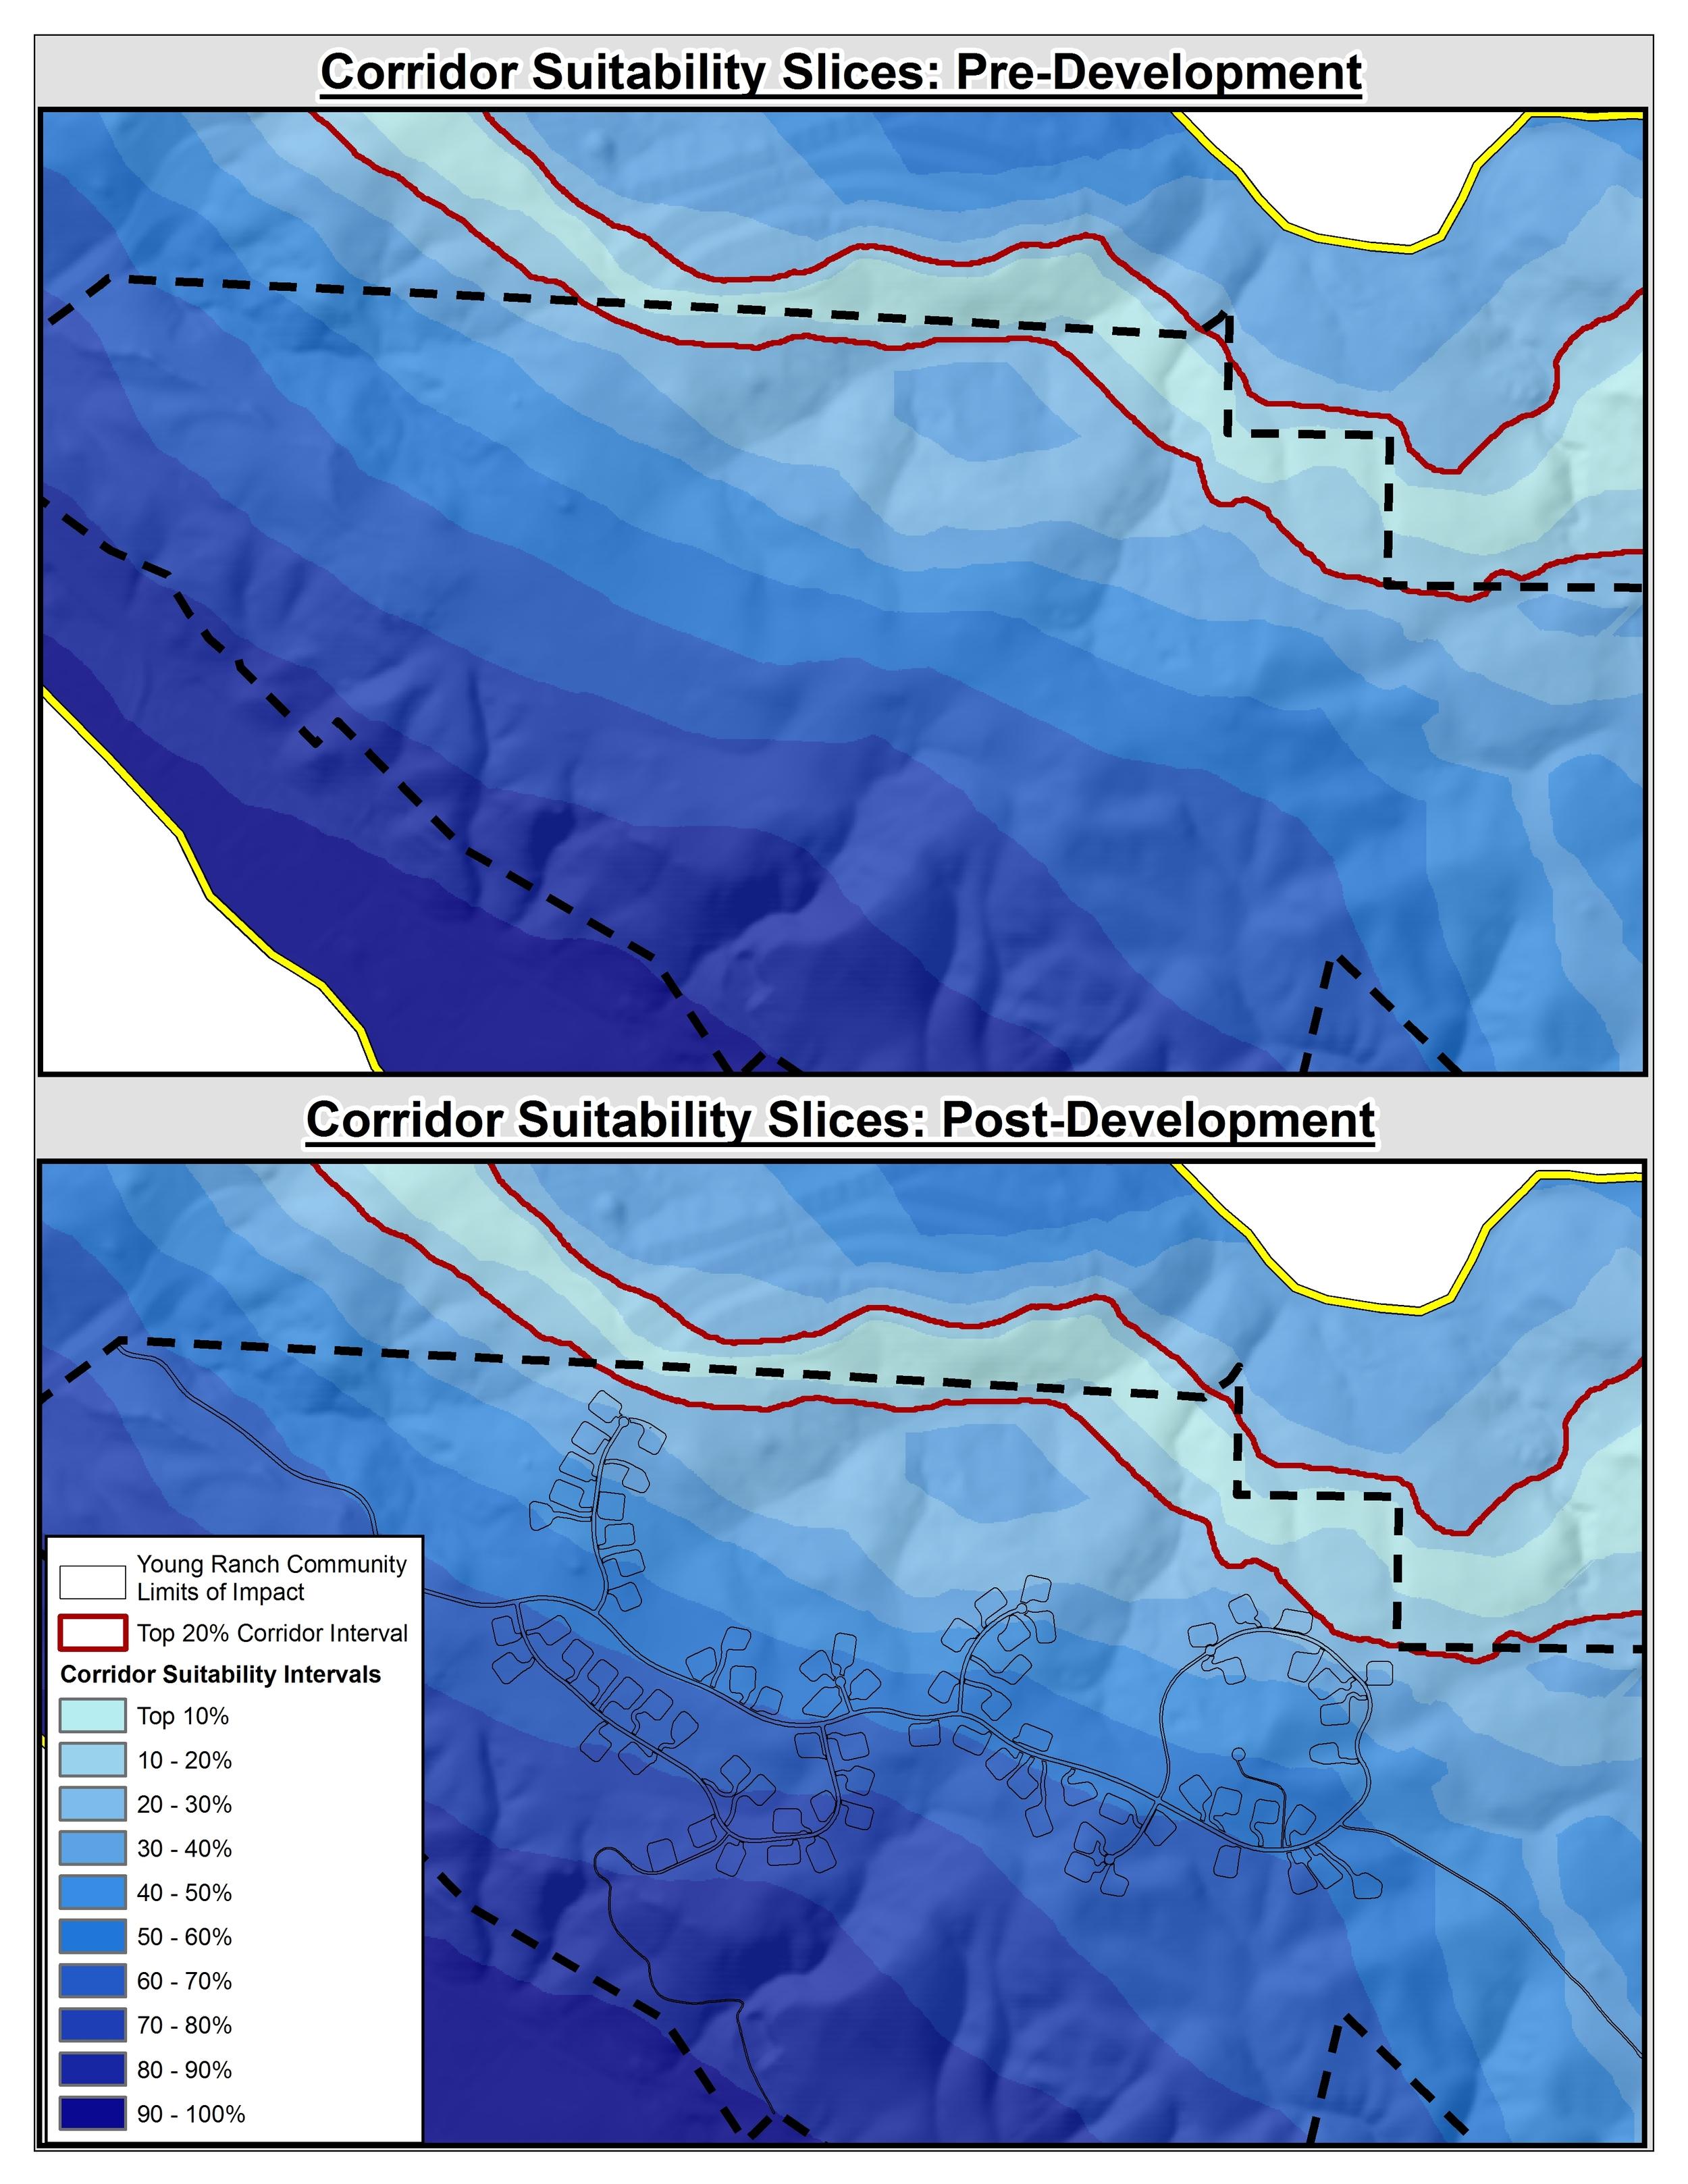 Figure 7.  Model results corridor suitability slices pre- and post-development comparison